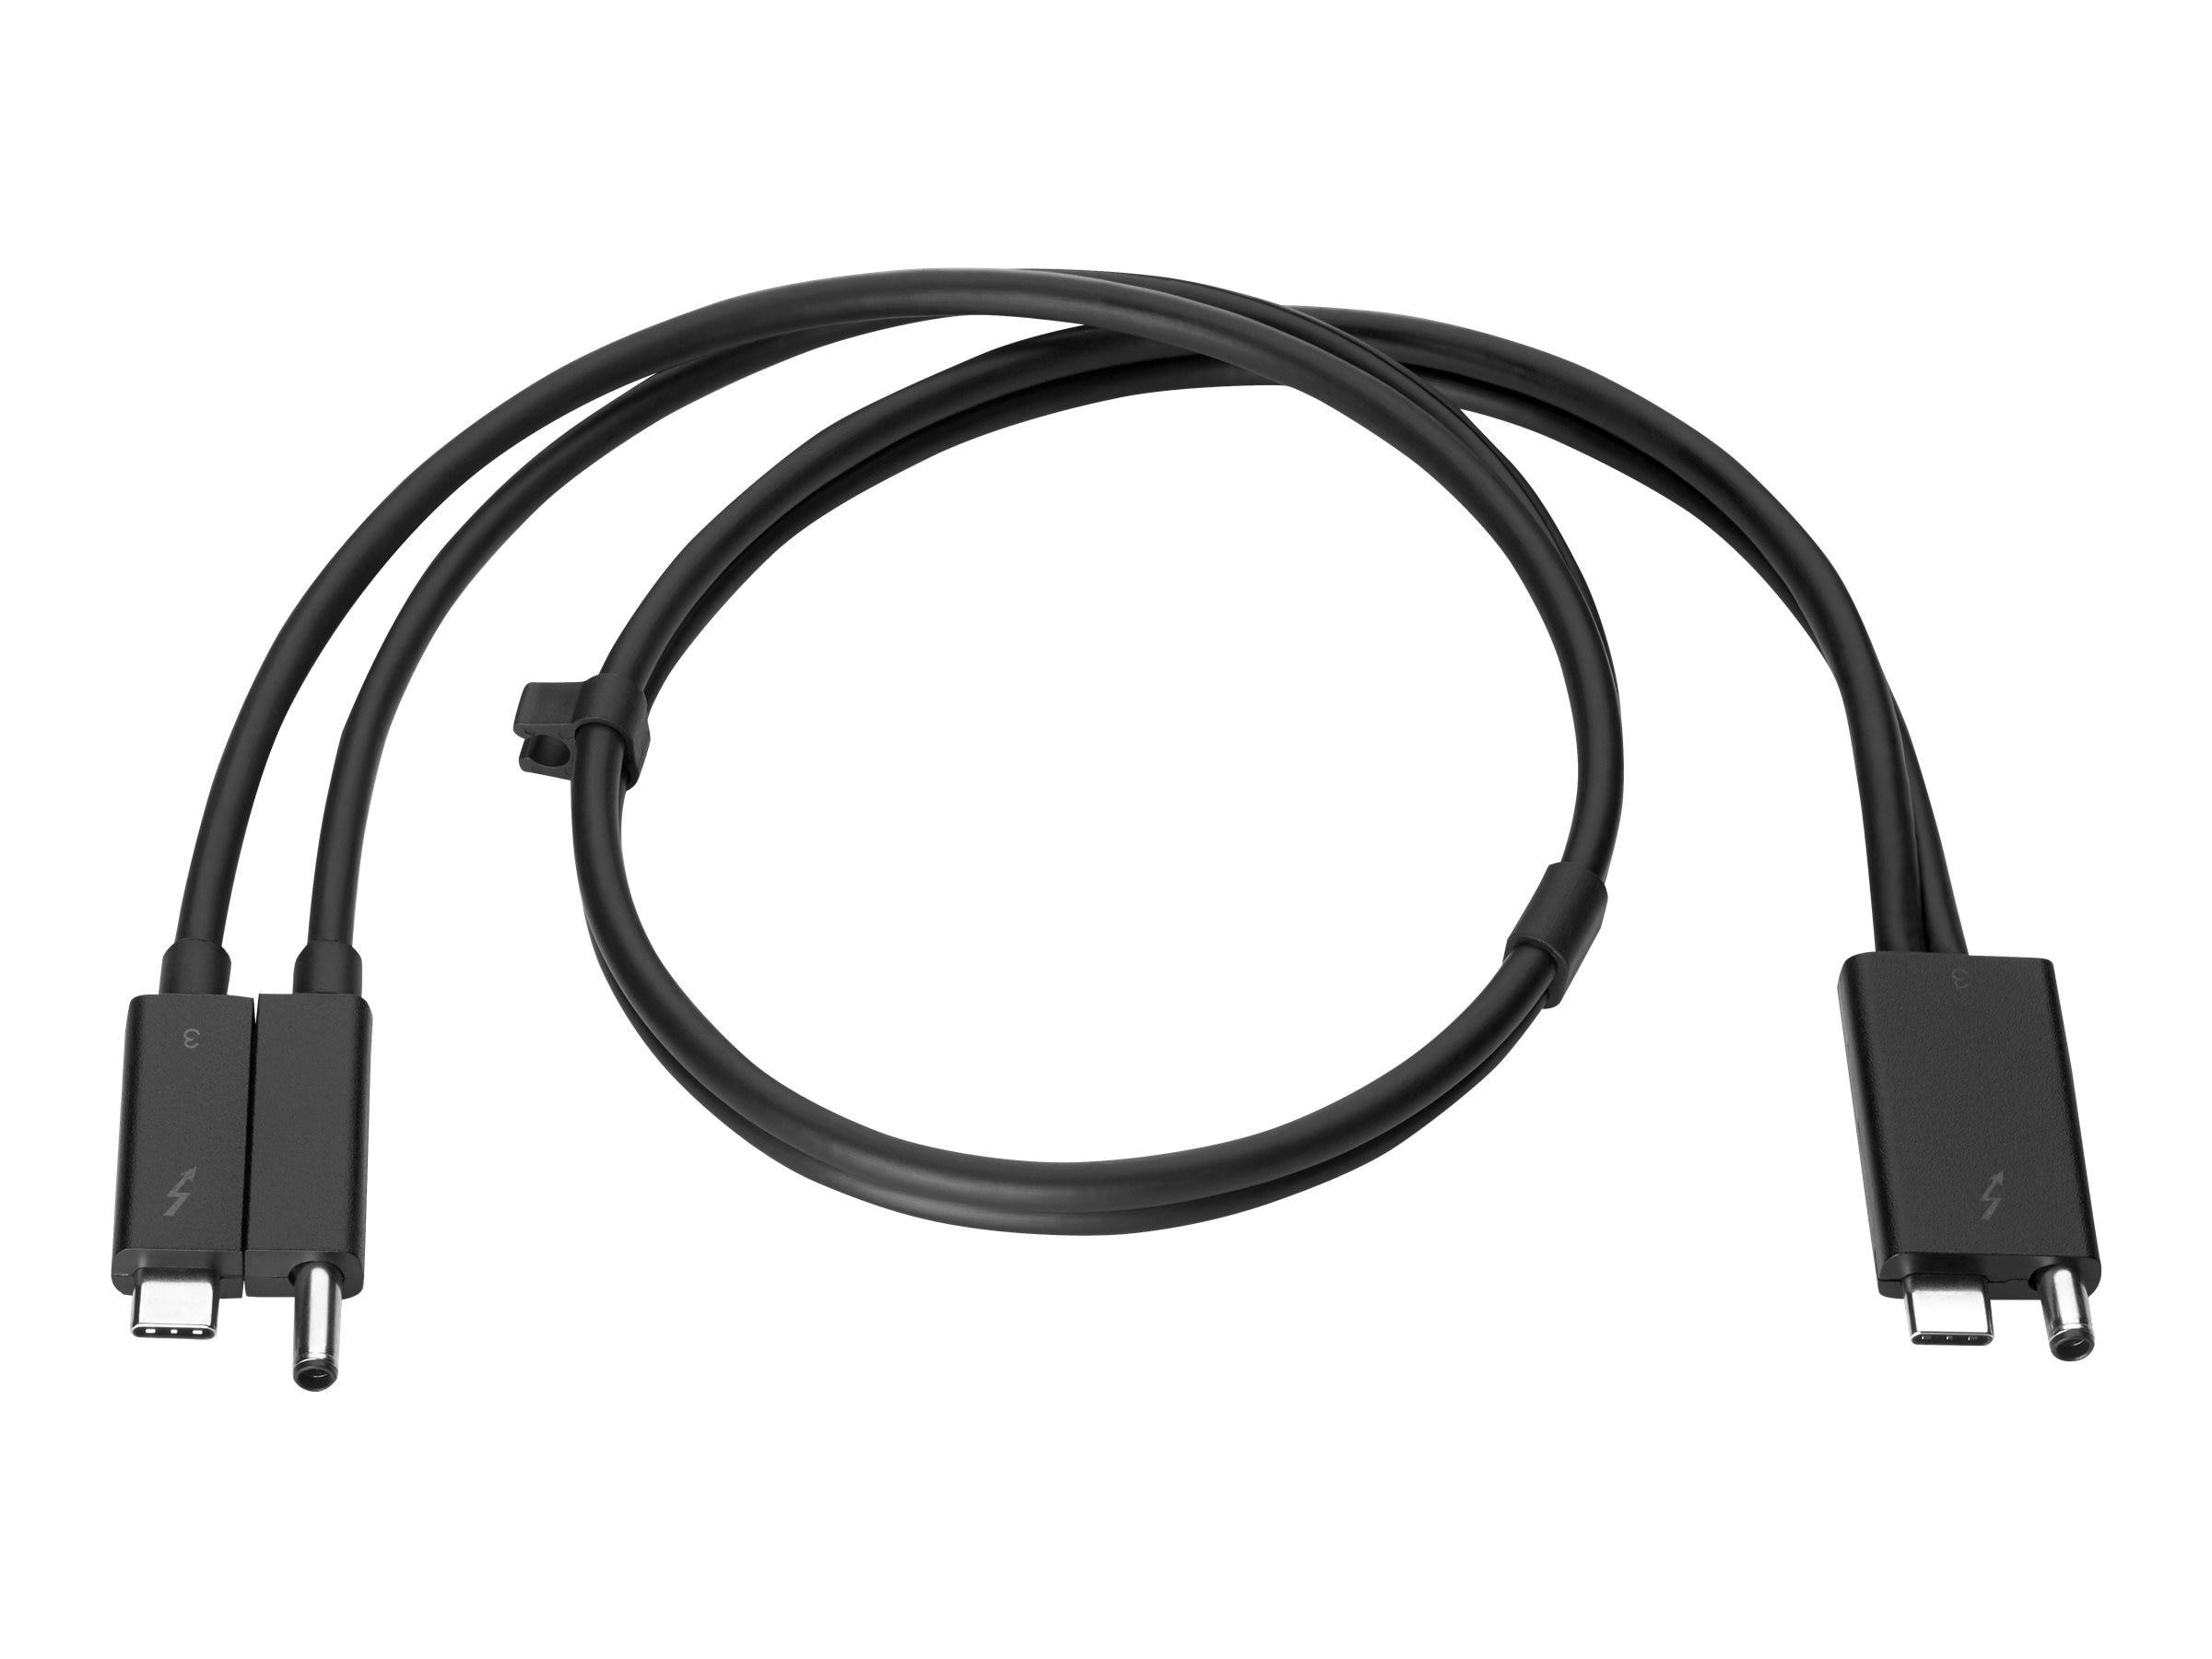 hp thunderbolt dock g2 bo cable 2 3ft 3xb96aa HP ProBook 470 hp thunderbolt dock g2 bo cable 2 3ft